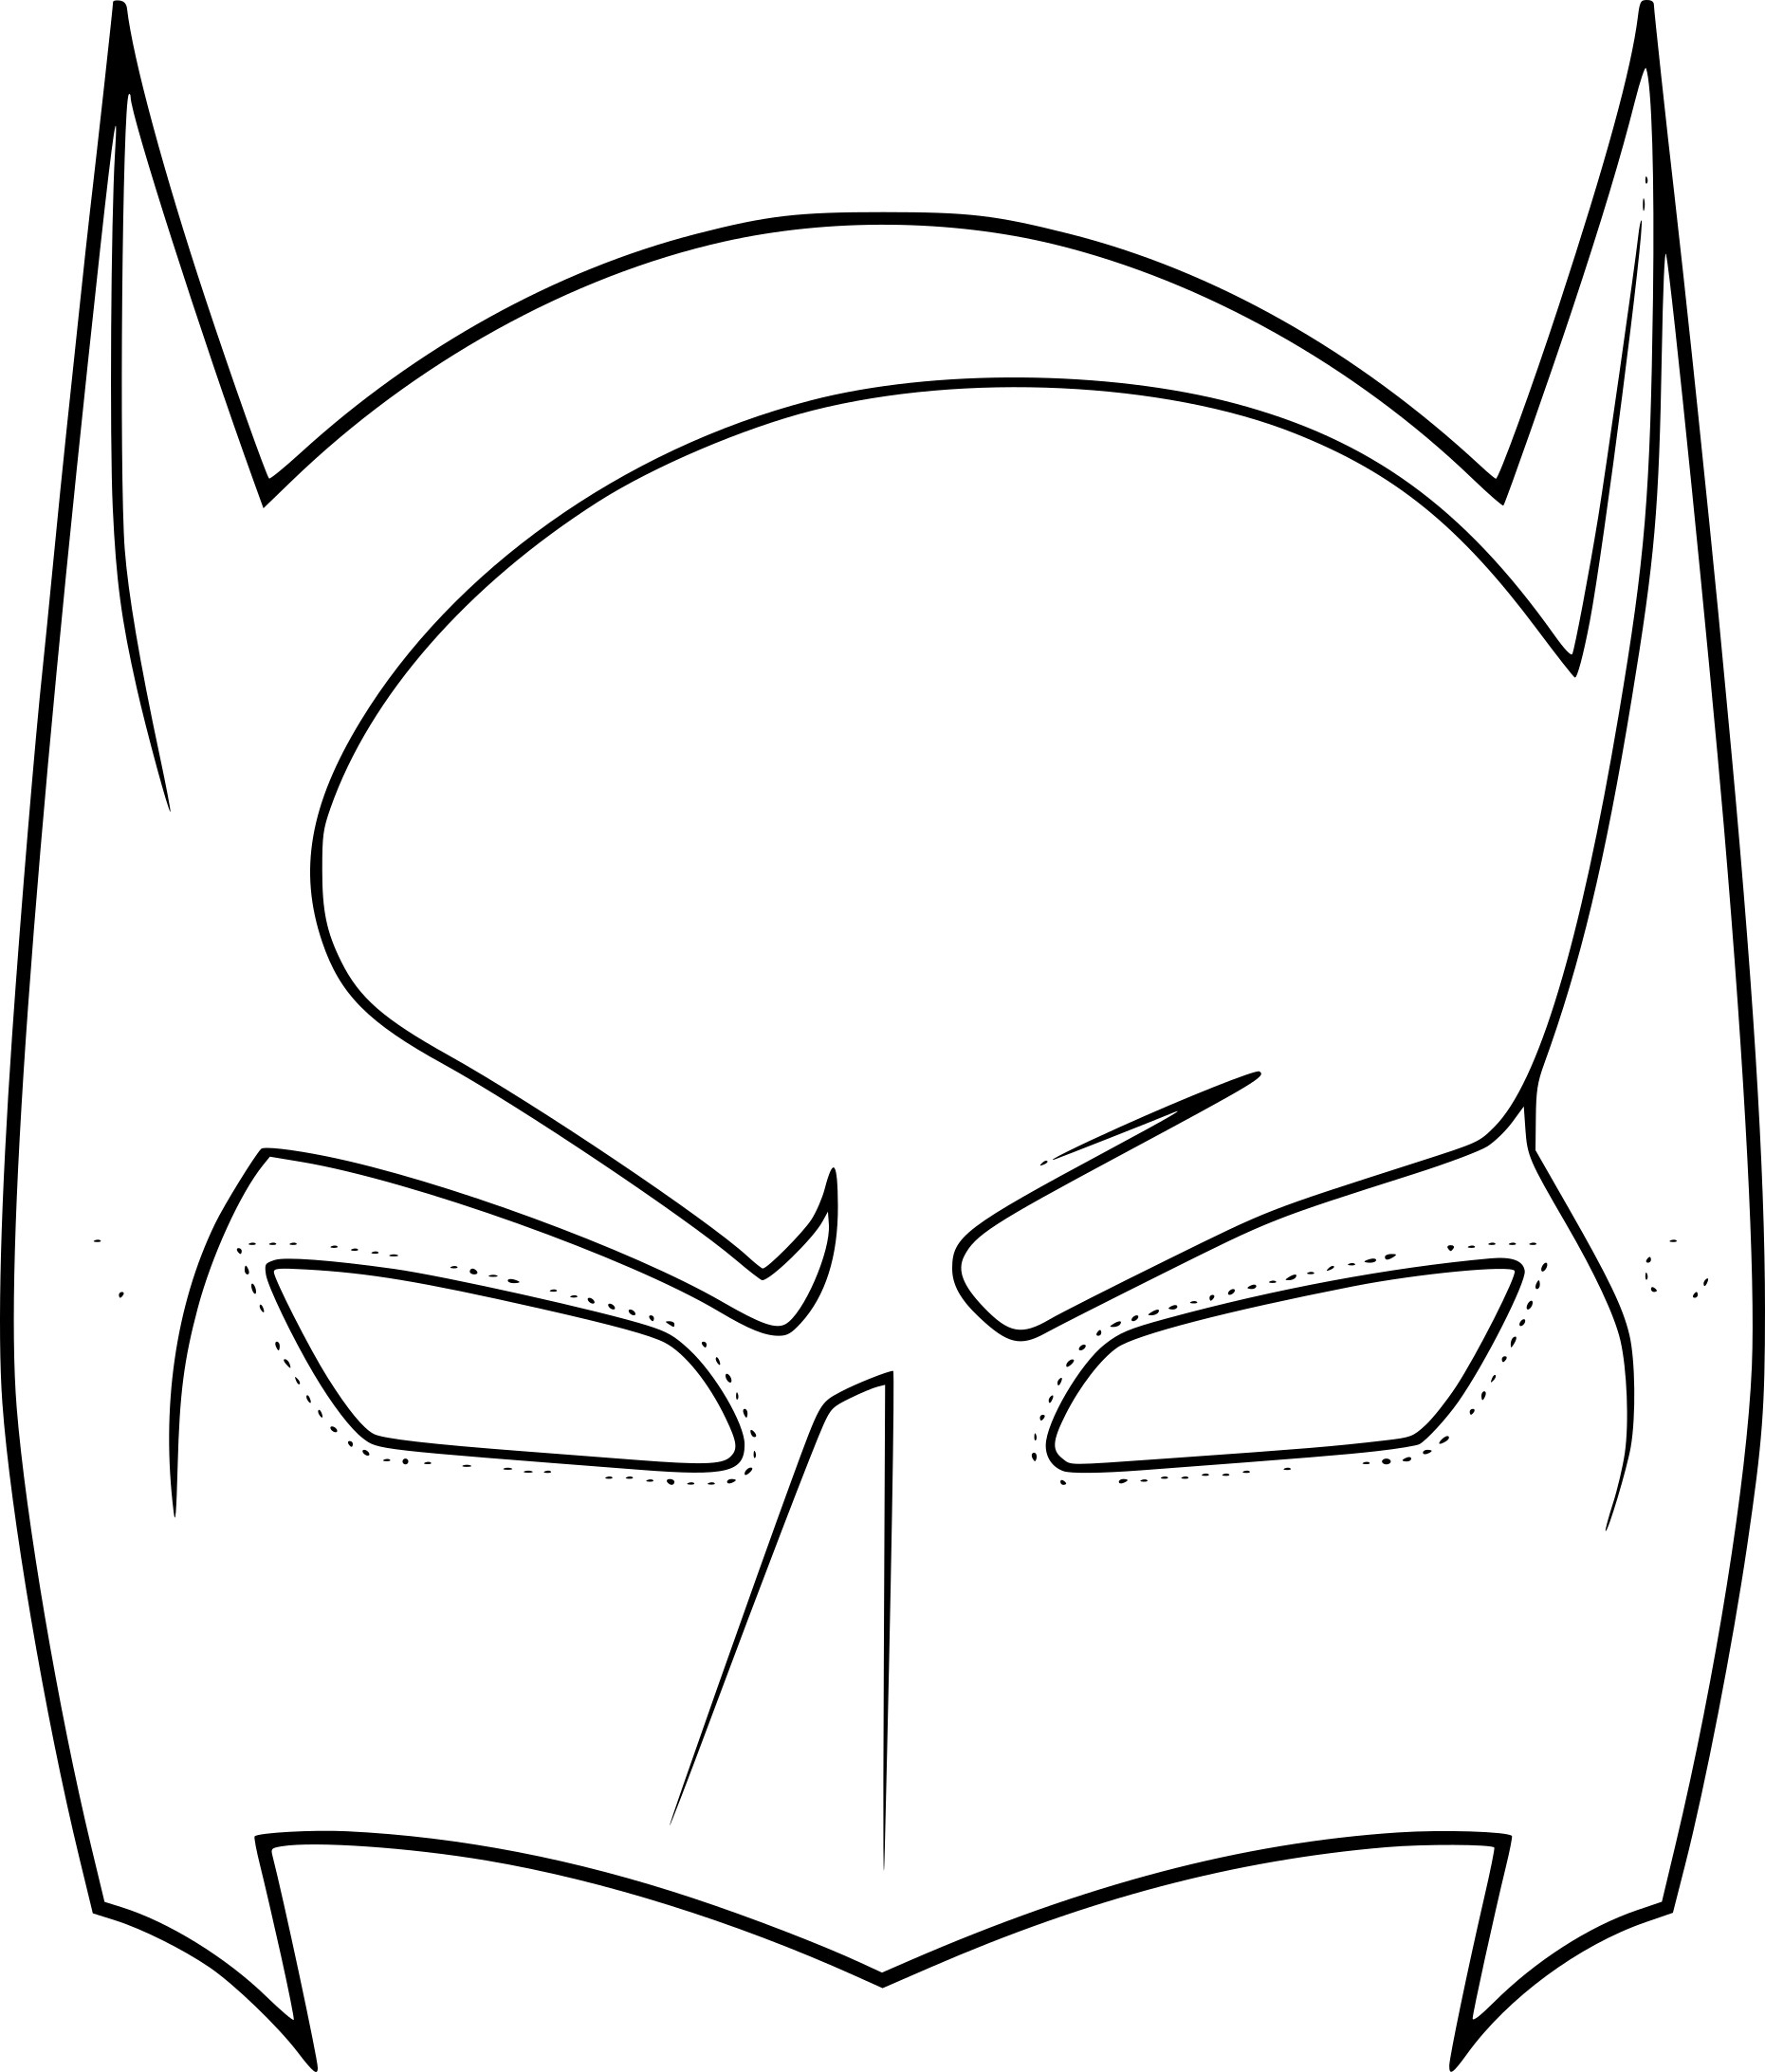 Coloriage Masque Batman À Imprimer encequiconcerne Masque Enfant A Colorier